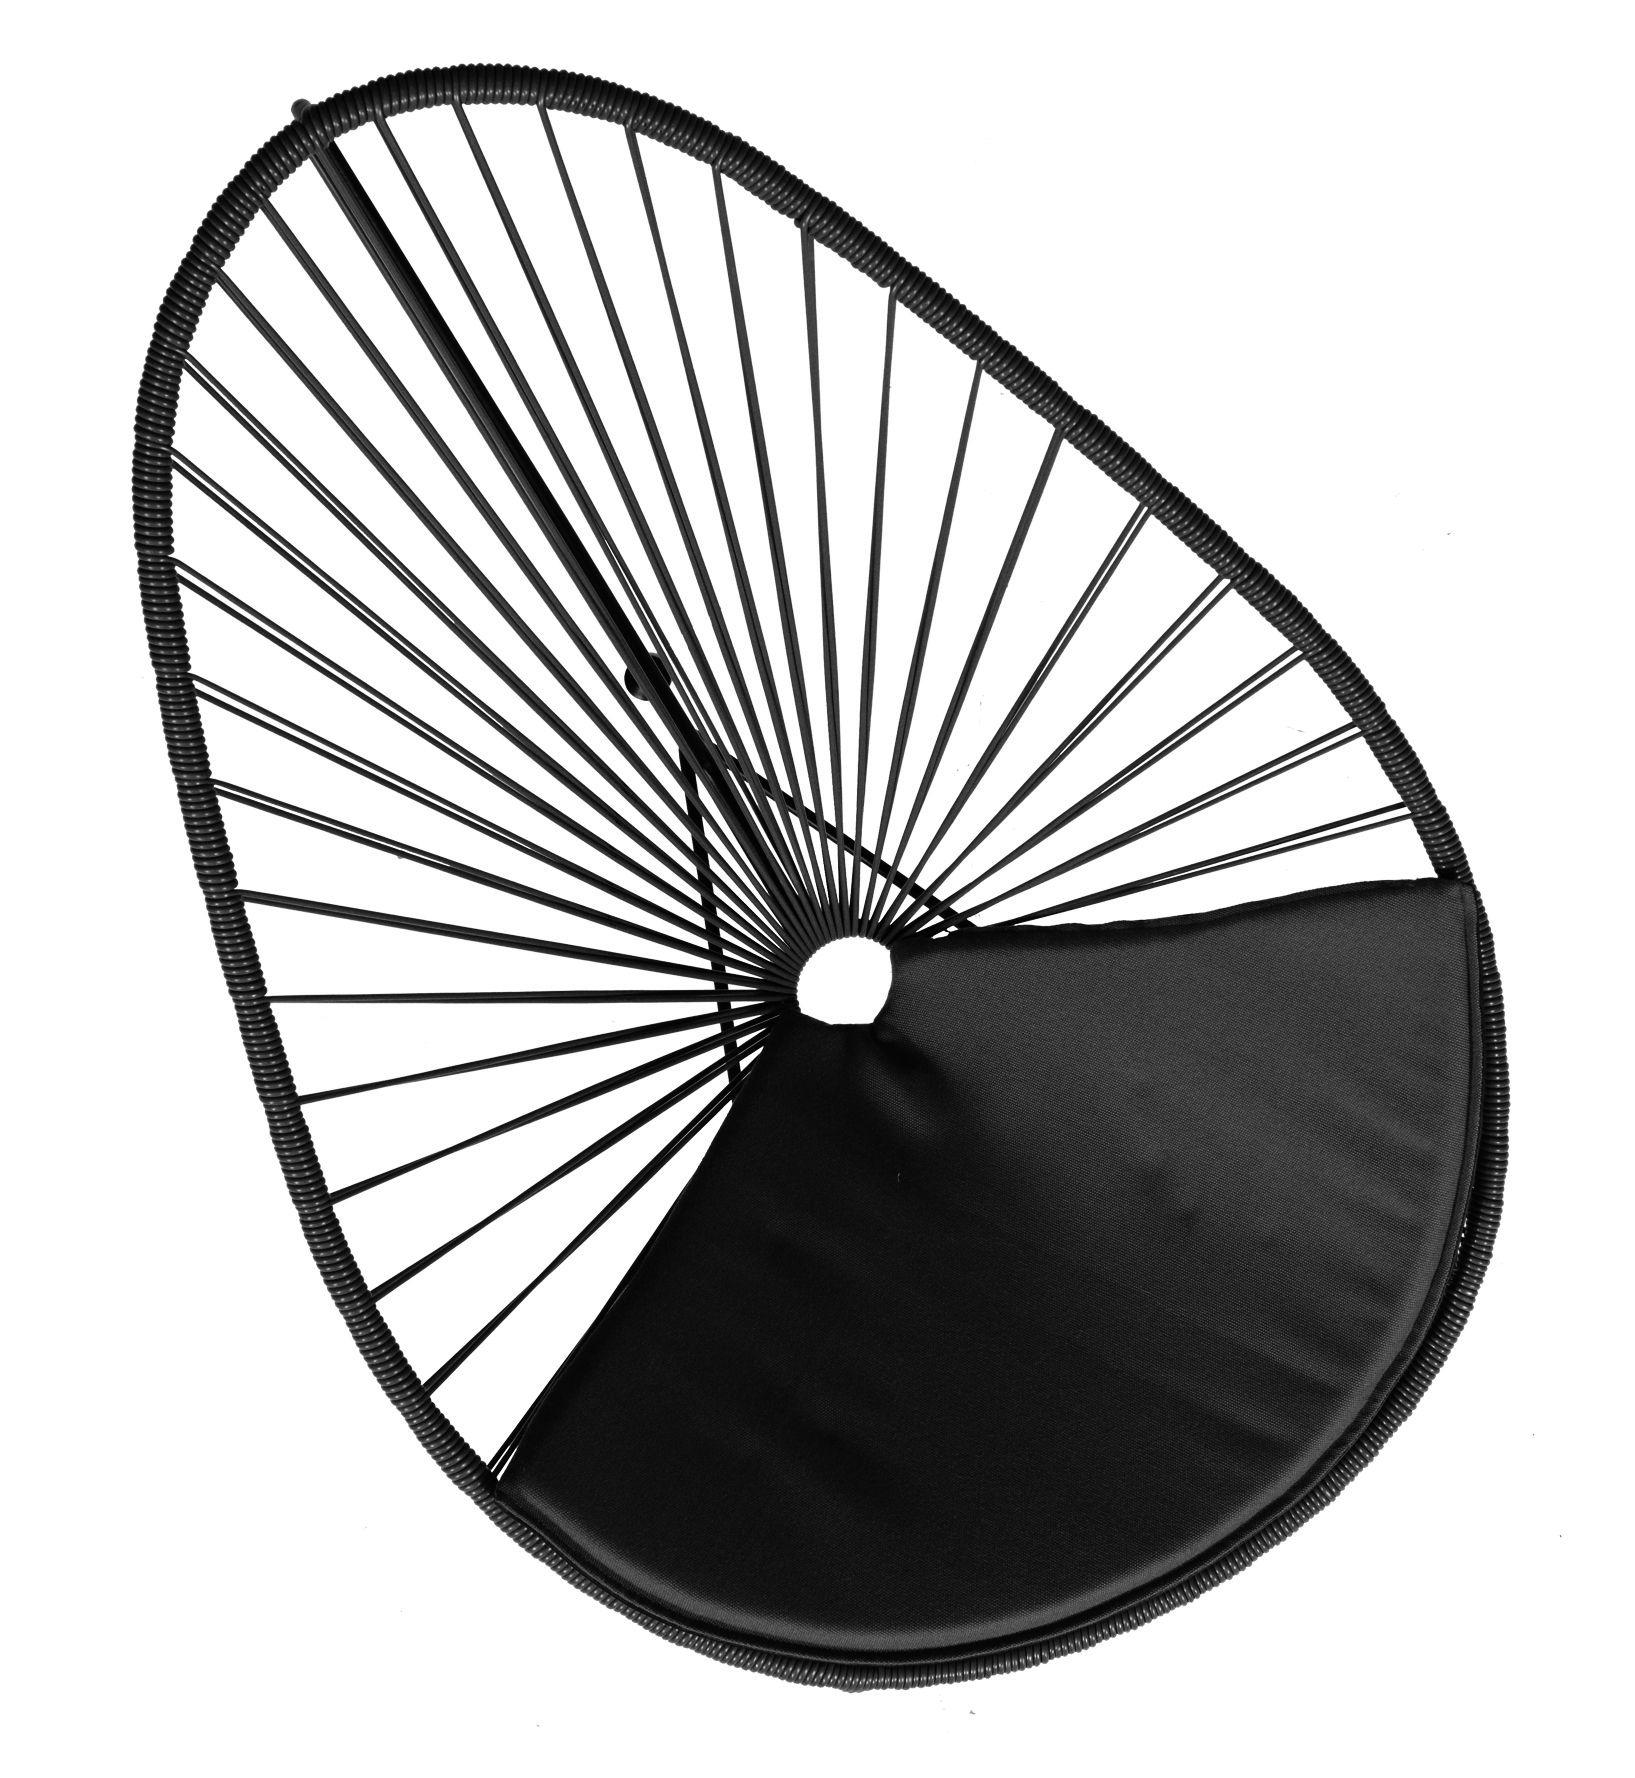 Interni - Cuscini  - Cuscino di seduta / Per poltrone Acapulco & Condesa - OK Design per Sentou Edition - Nero - Tessuto poliestere